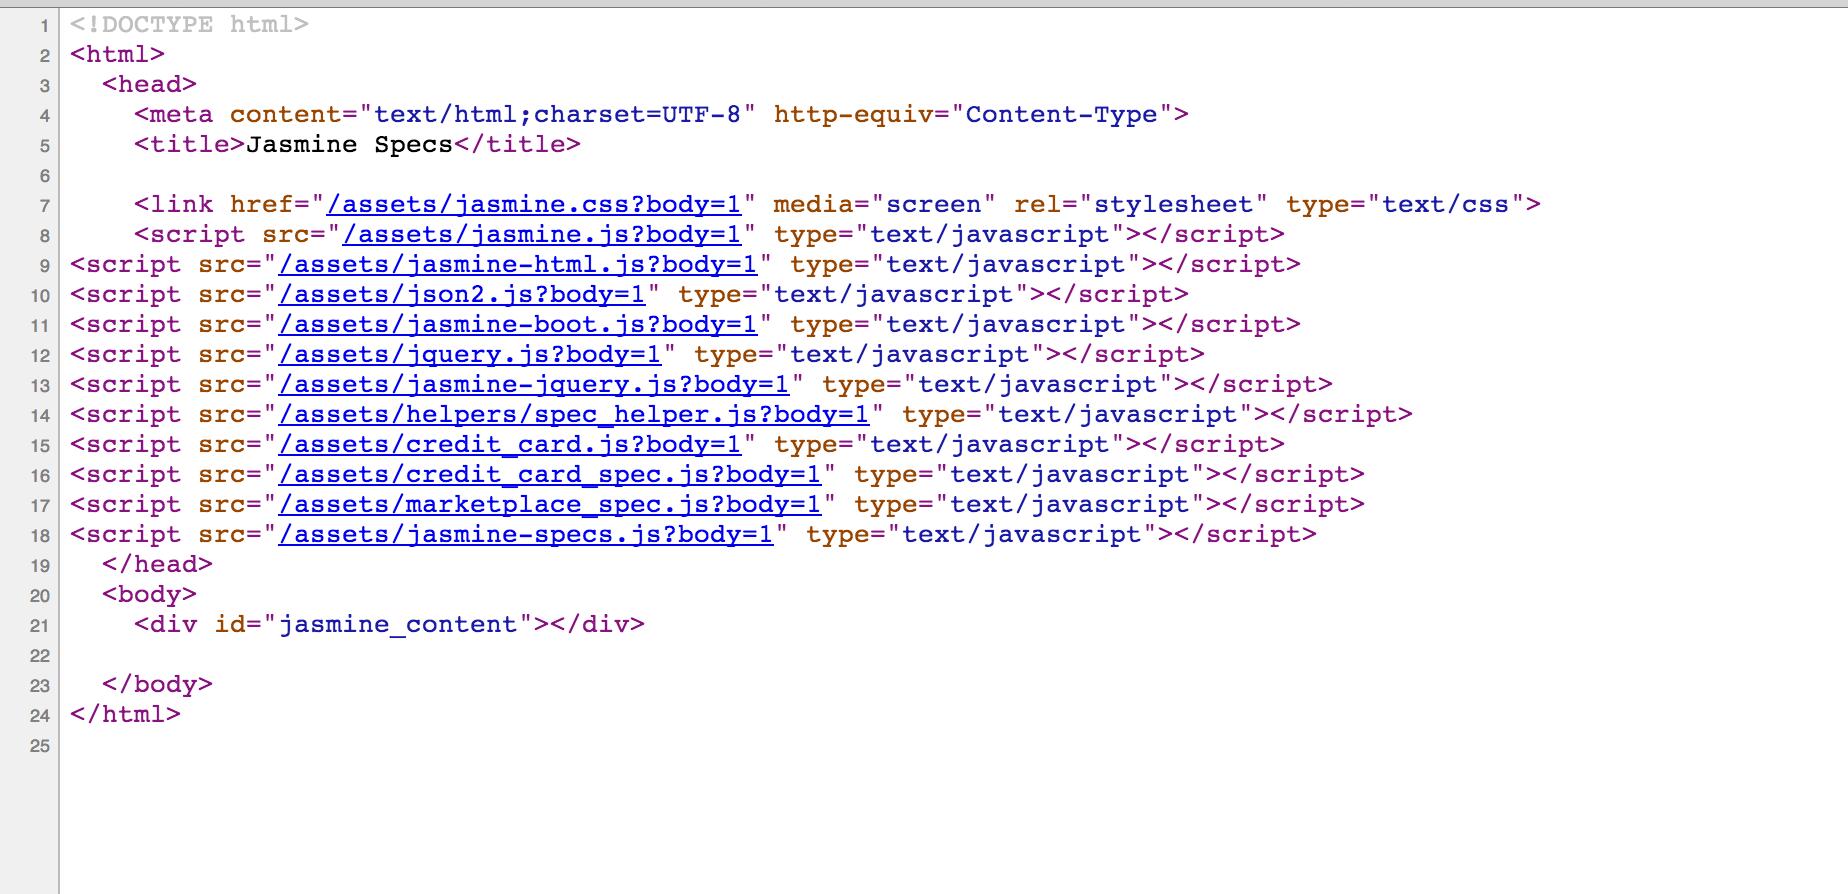 screen shot 2013-09-03 at 10 46 55 pm